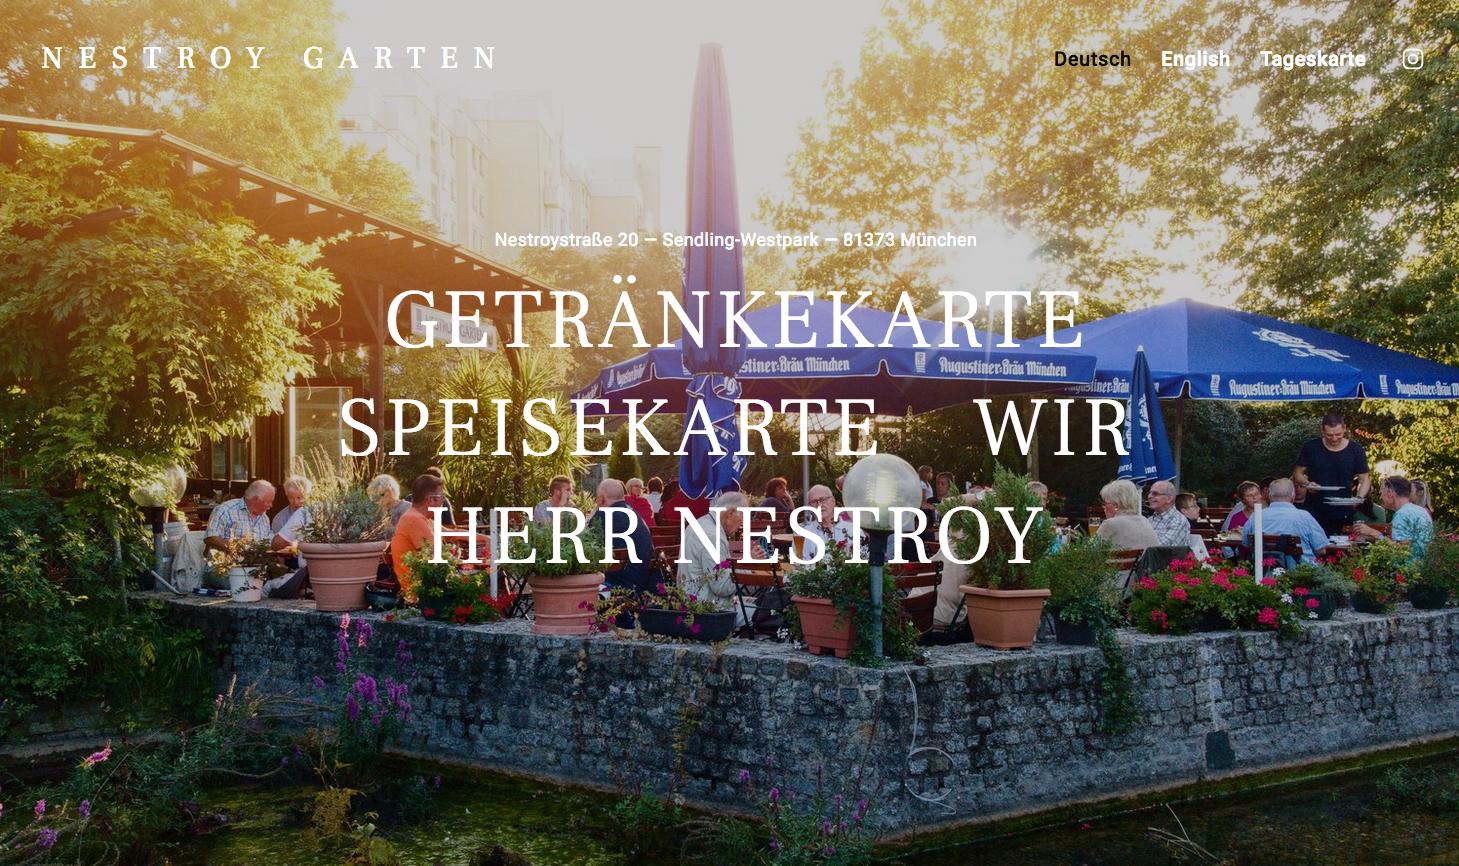 Nestroy Garten - Online & Offline-Auftritt - Kreativdirektion - Website Programmierung - Konzept - Text